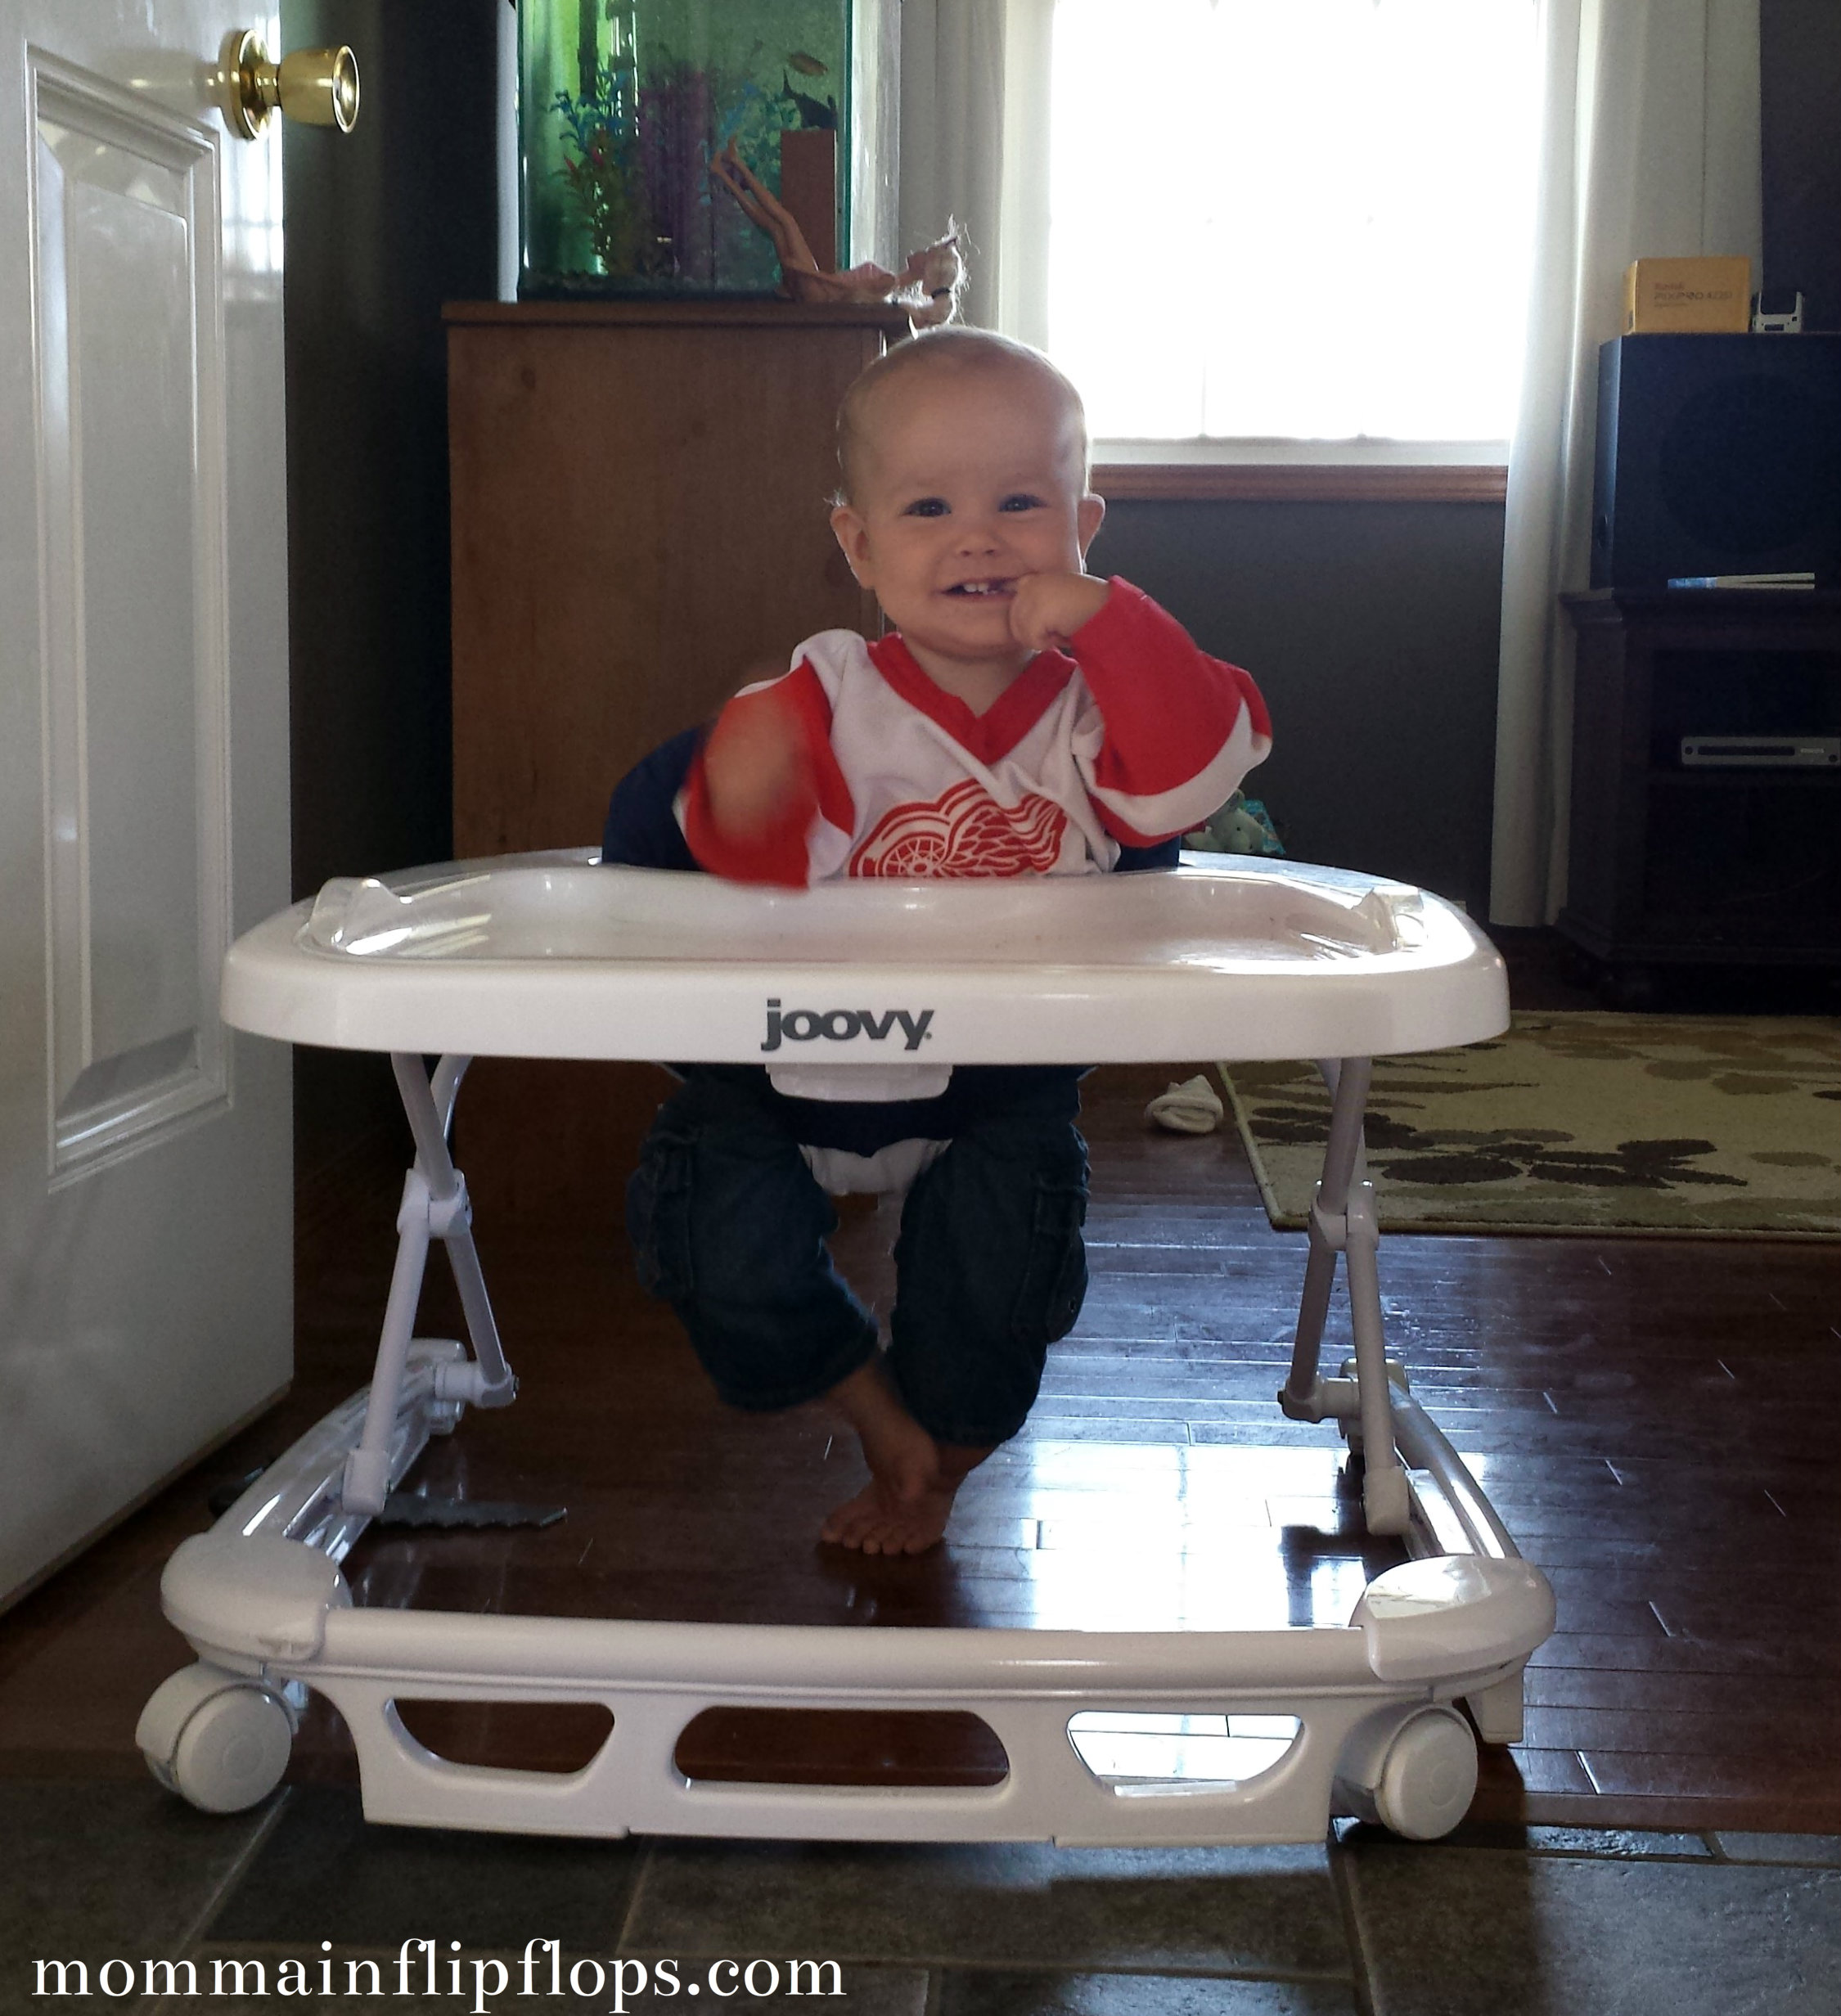 the ultimate baby walker  the joovy spoon  momma in flip flops -  baby walker joovyspoon